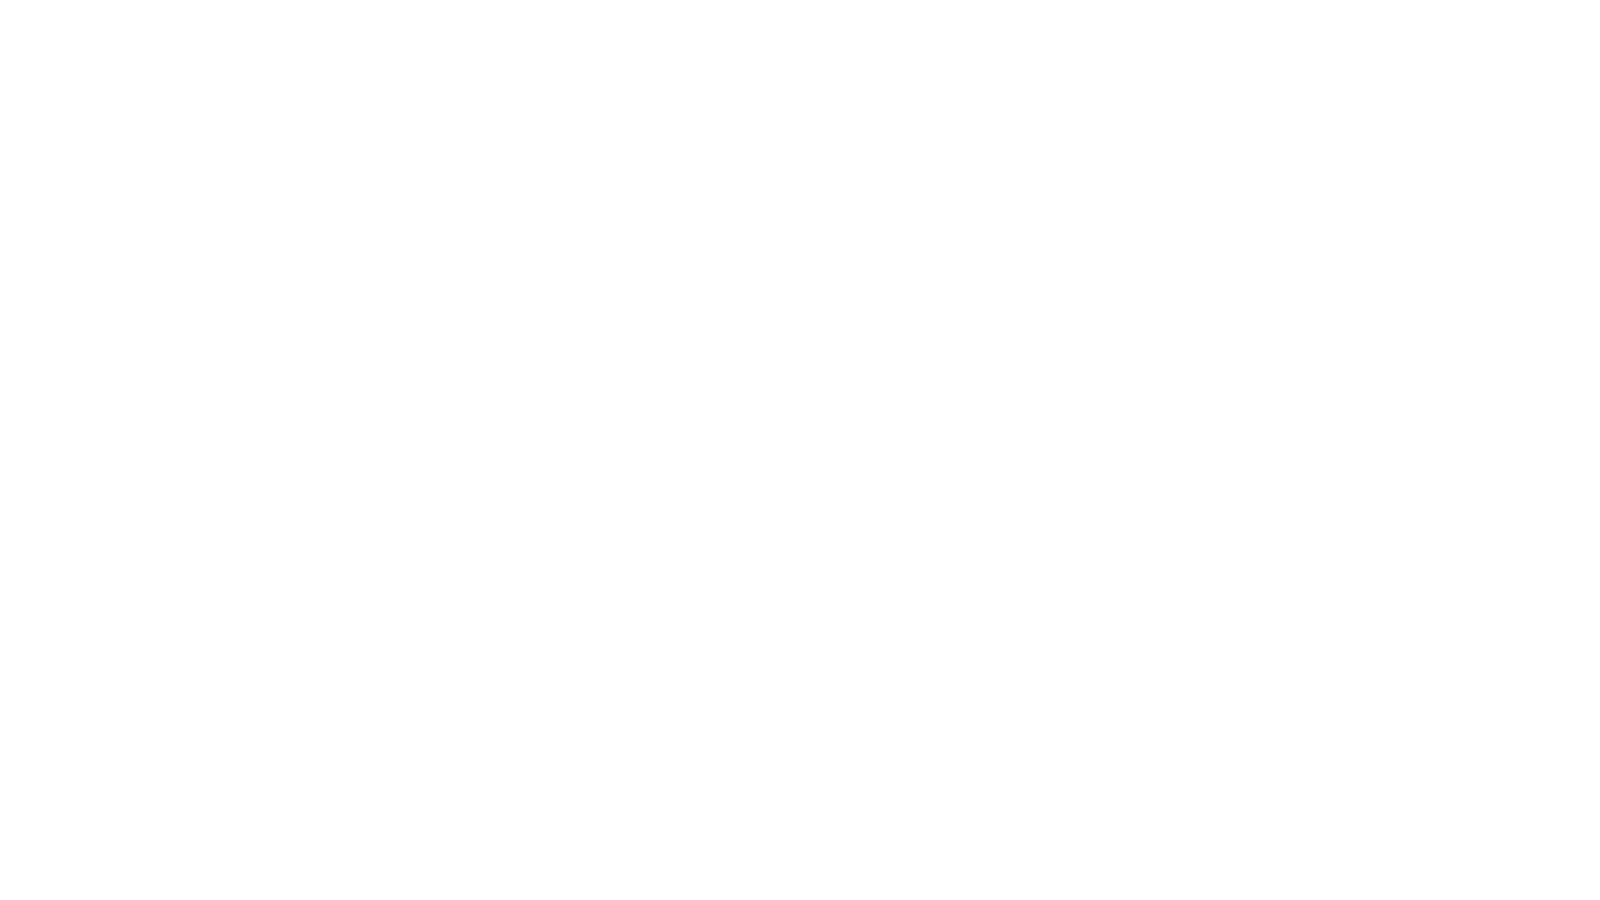 Östersjöns Miljö Specialkurs. En unik möjlighet att lära dig mer om livet under ytan i Östersjön!    Filmad av: Samir https://www.youtube.com/channel/UCcmKy9OEmAt7waEinD5xGiQ